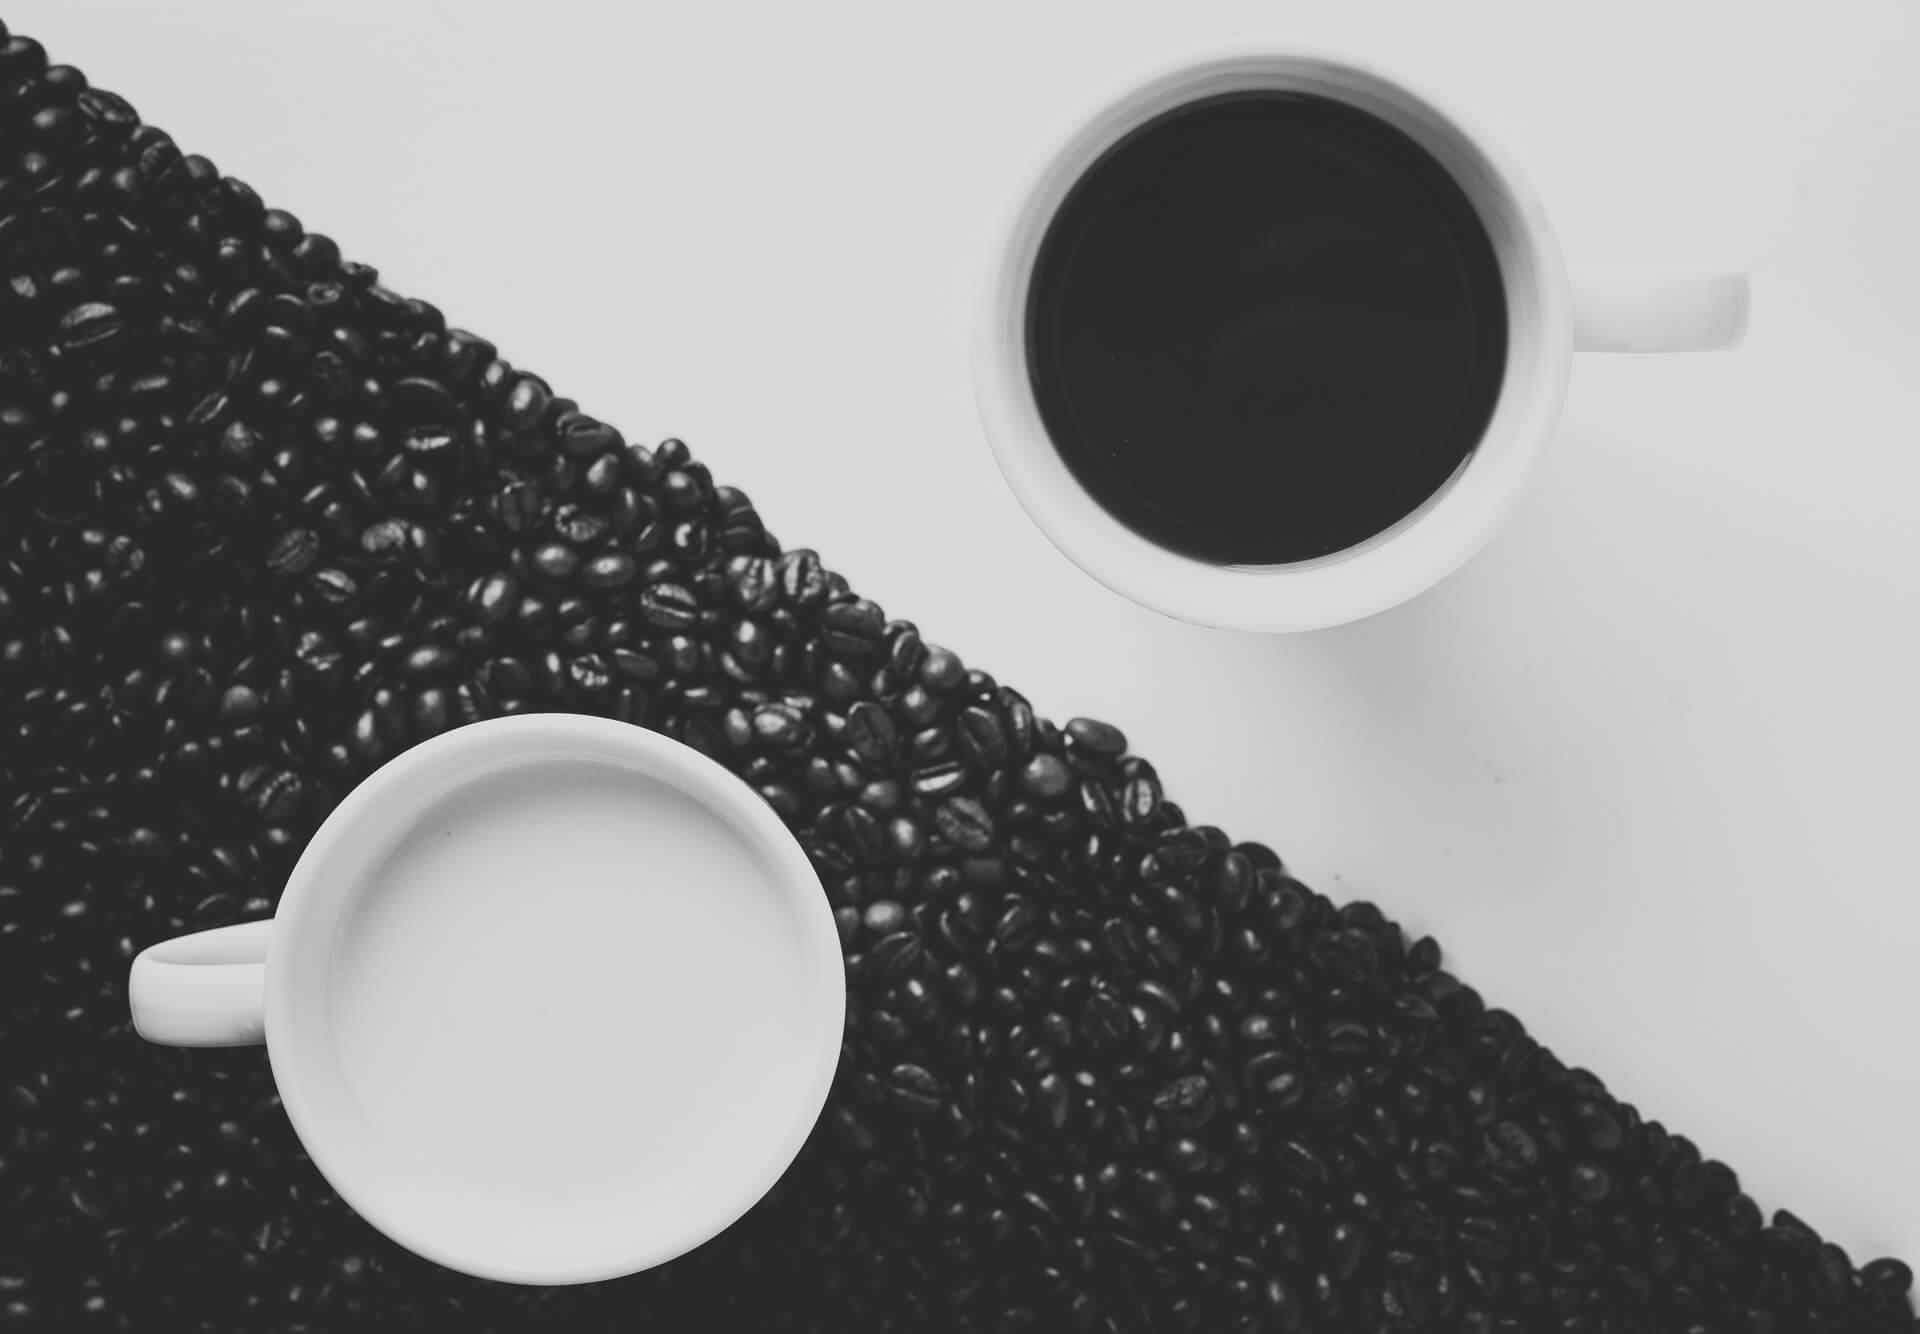 Tazas blanco y negro representando yin yang.